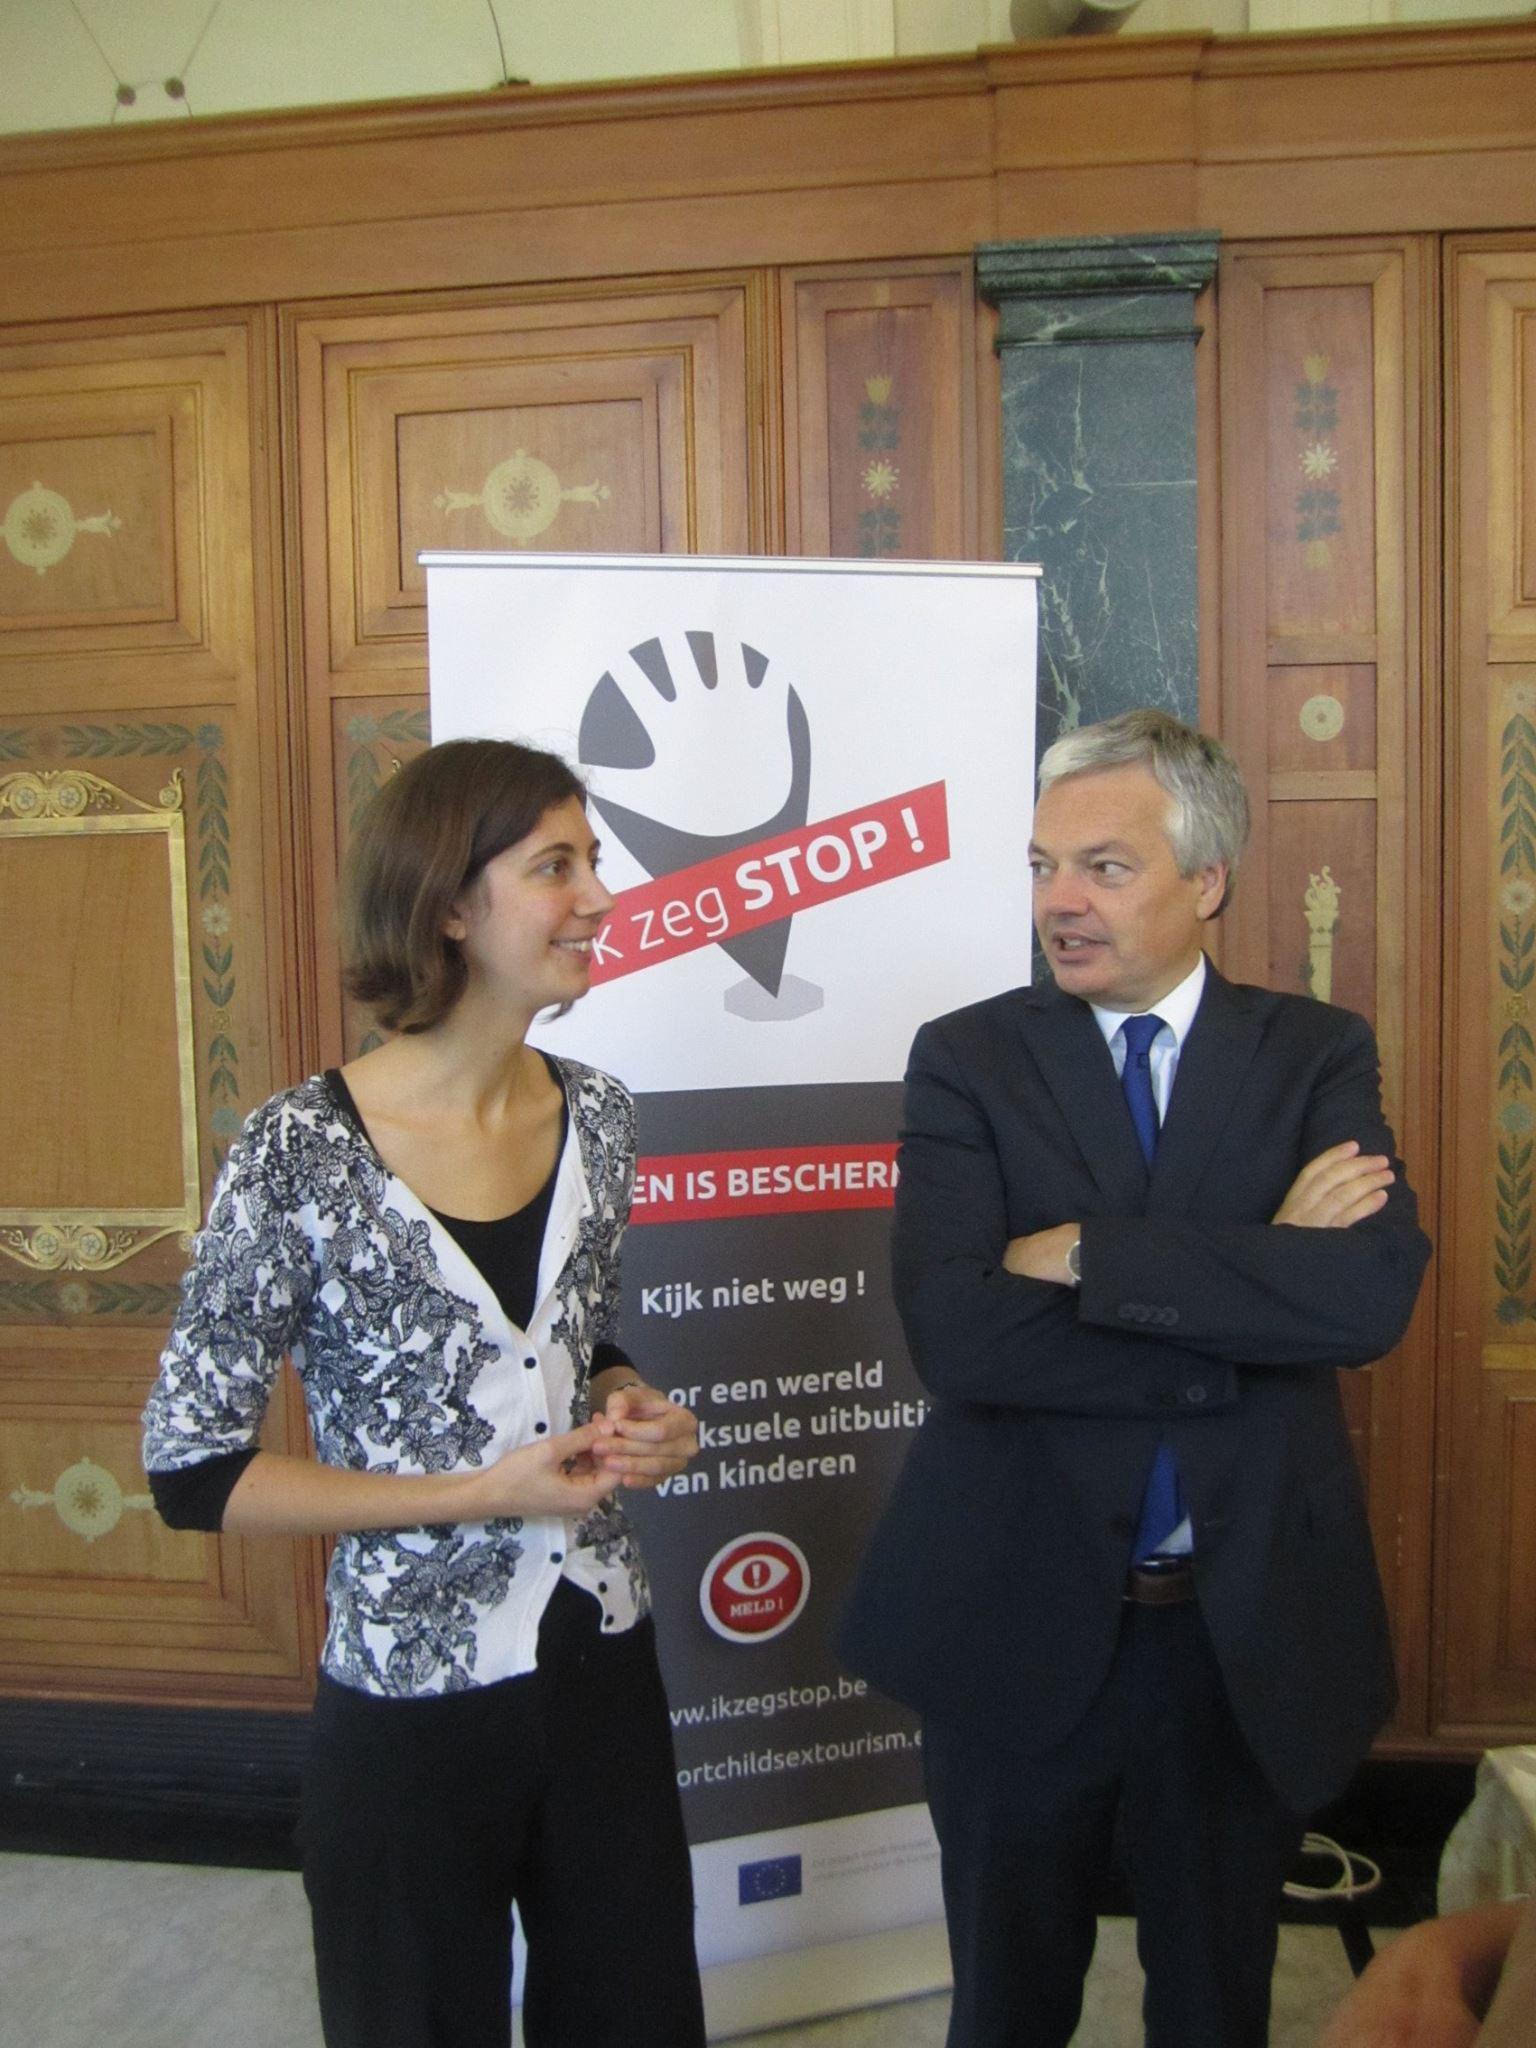 Ariane Couvreur d'ECPAT Belgique & Didier Reynders, Ministre des Affaires Étrangères